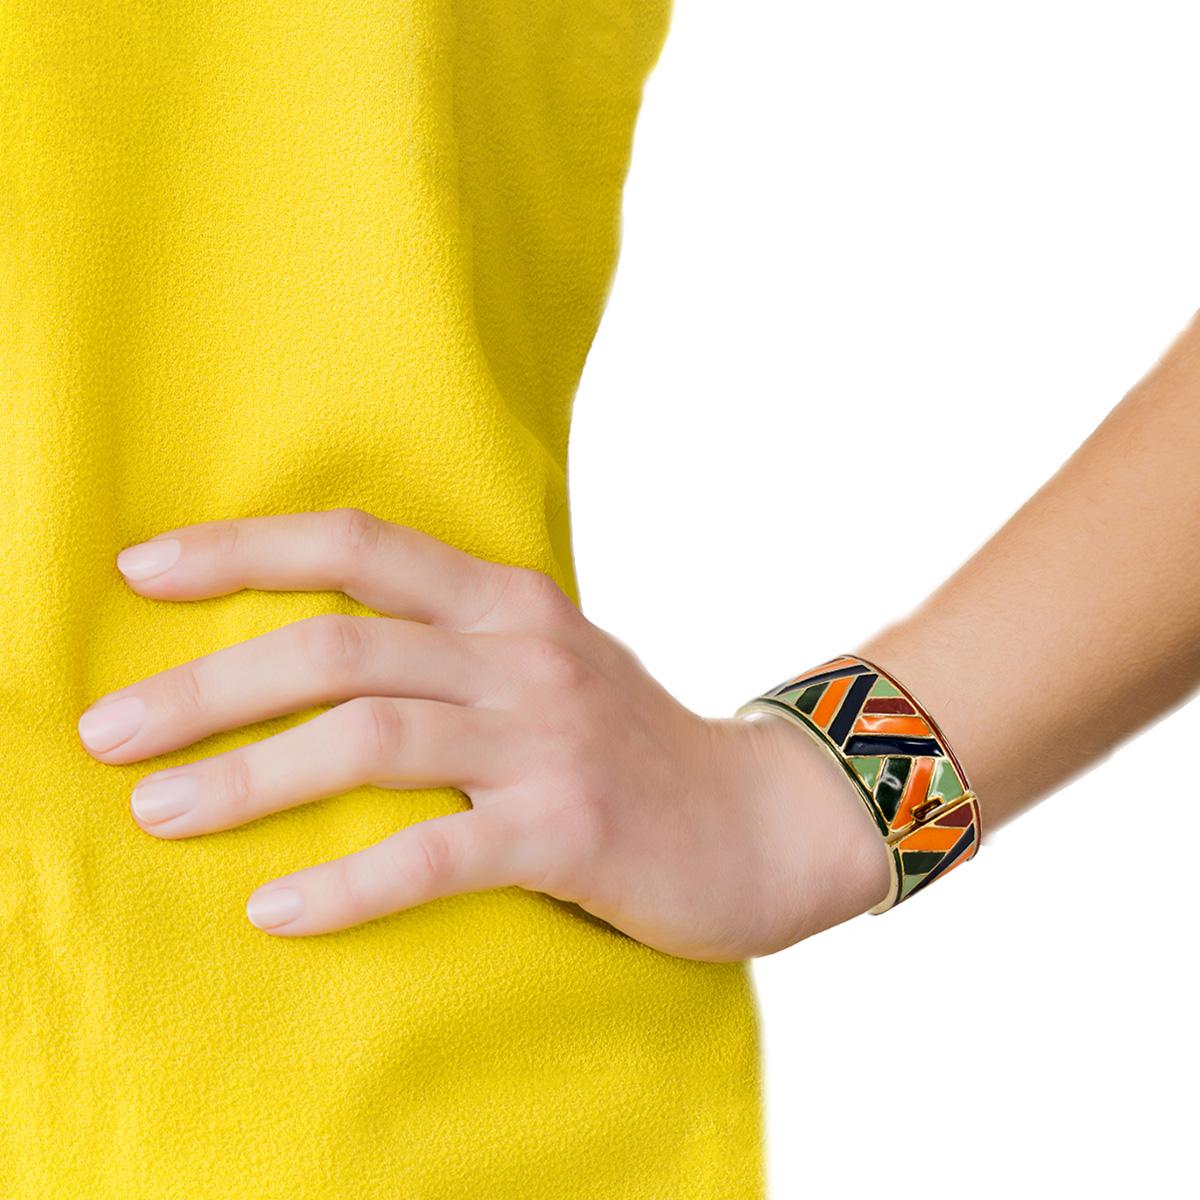 Roger Scemama Yves Saint Laurent enamel bracelet